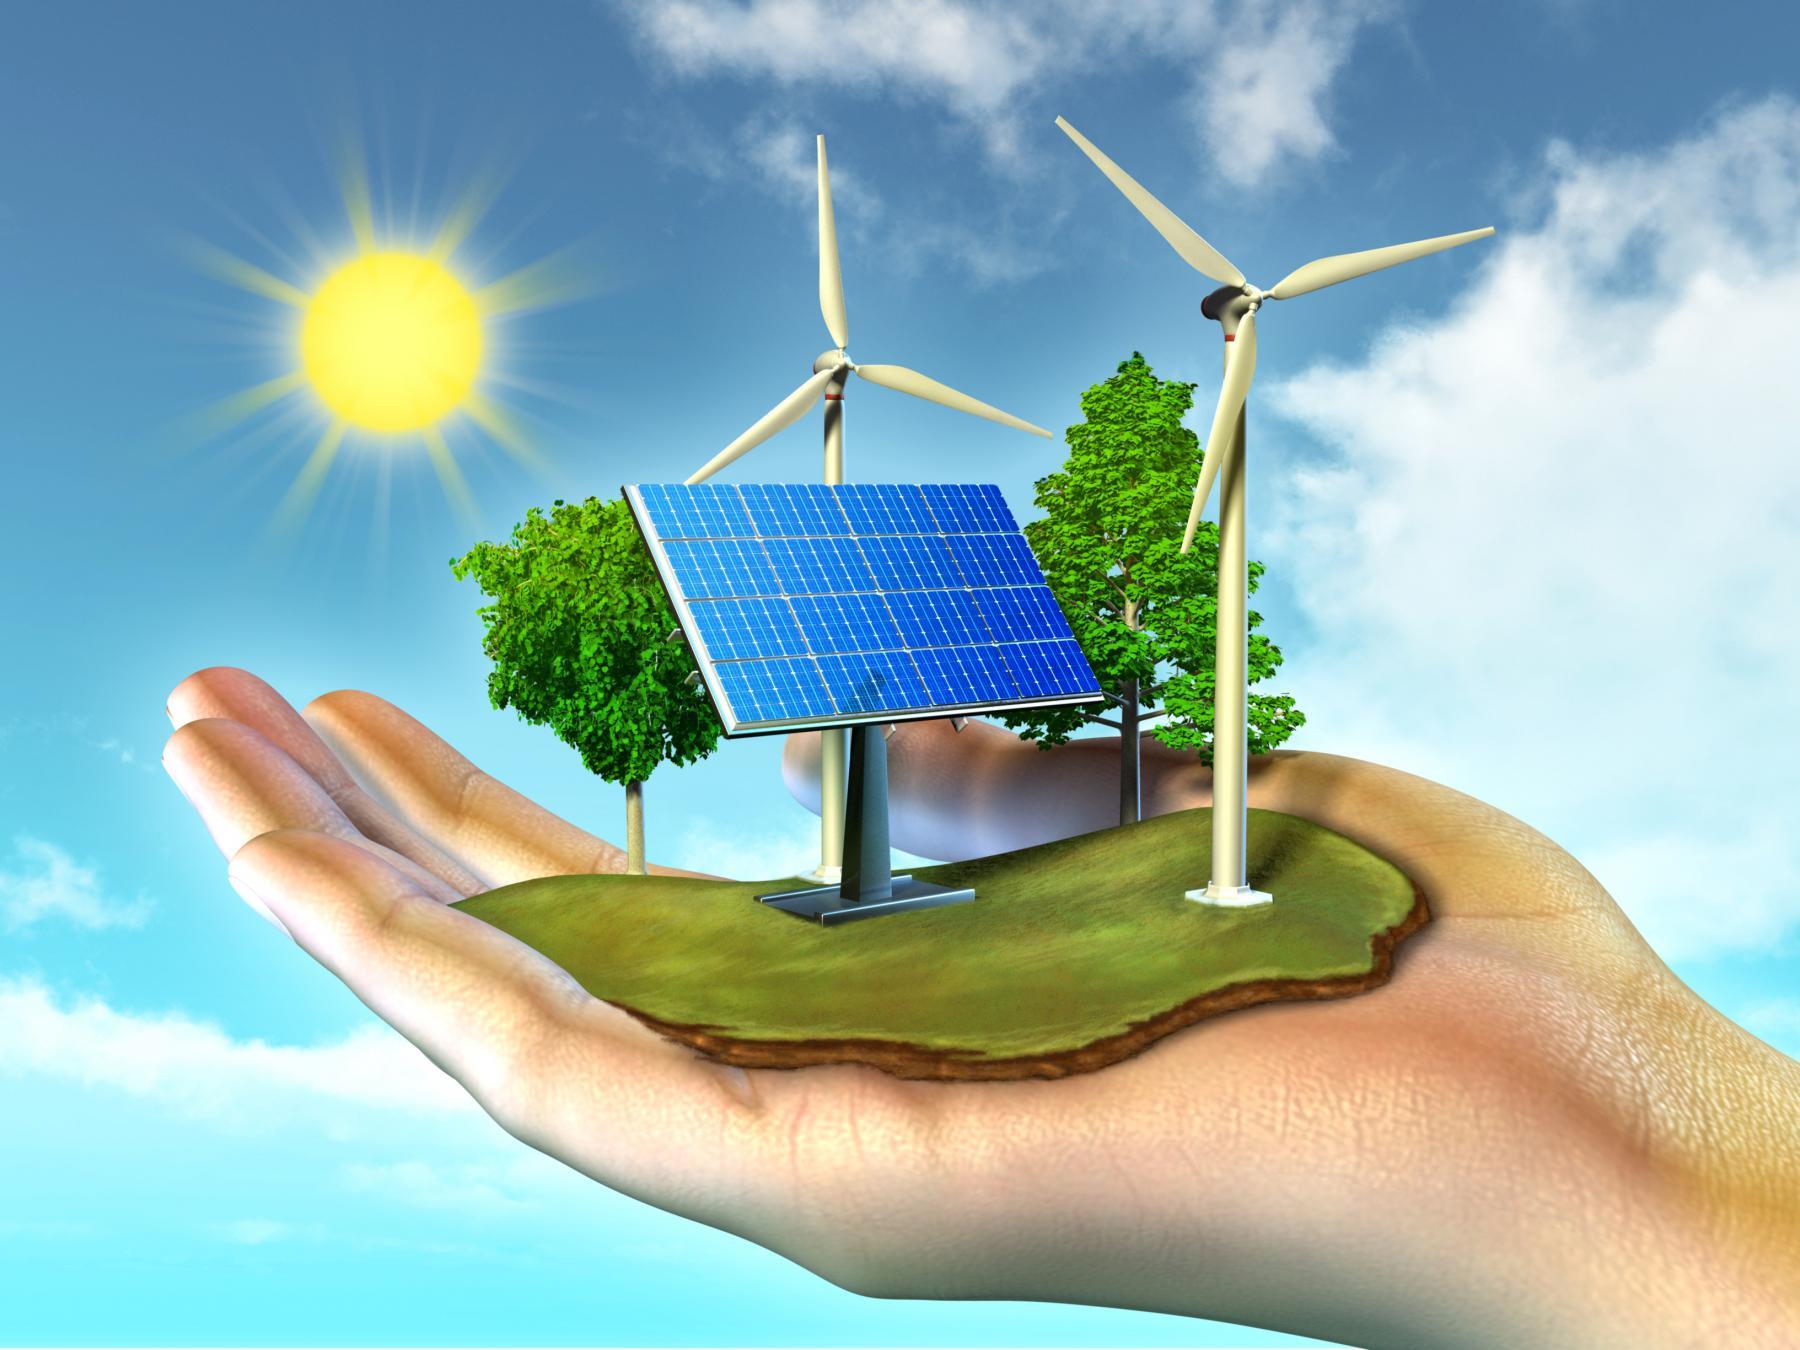 Энергетика будущего картинки земледелие играло